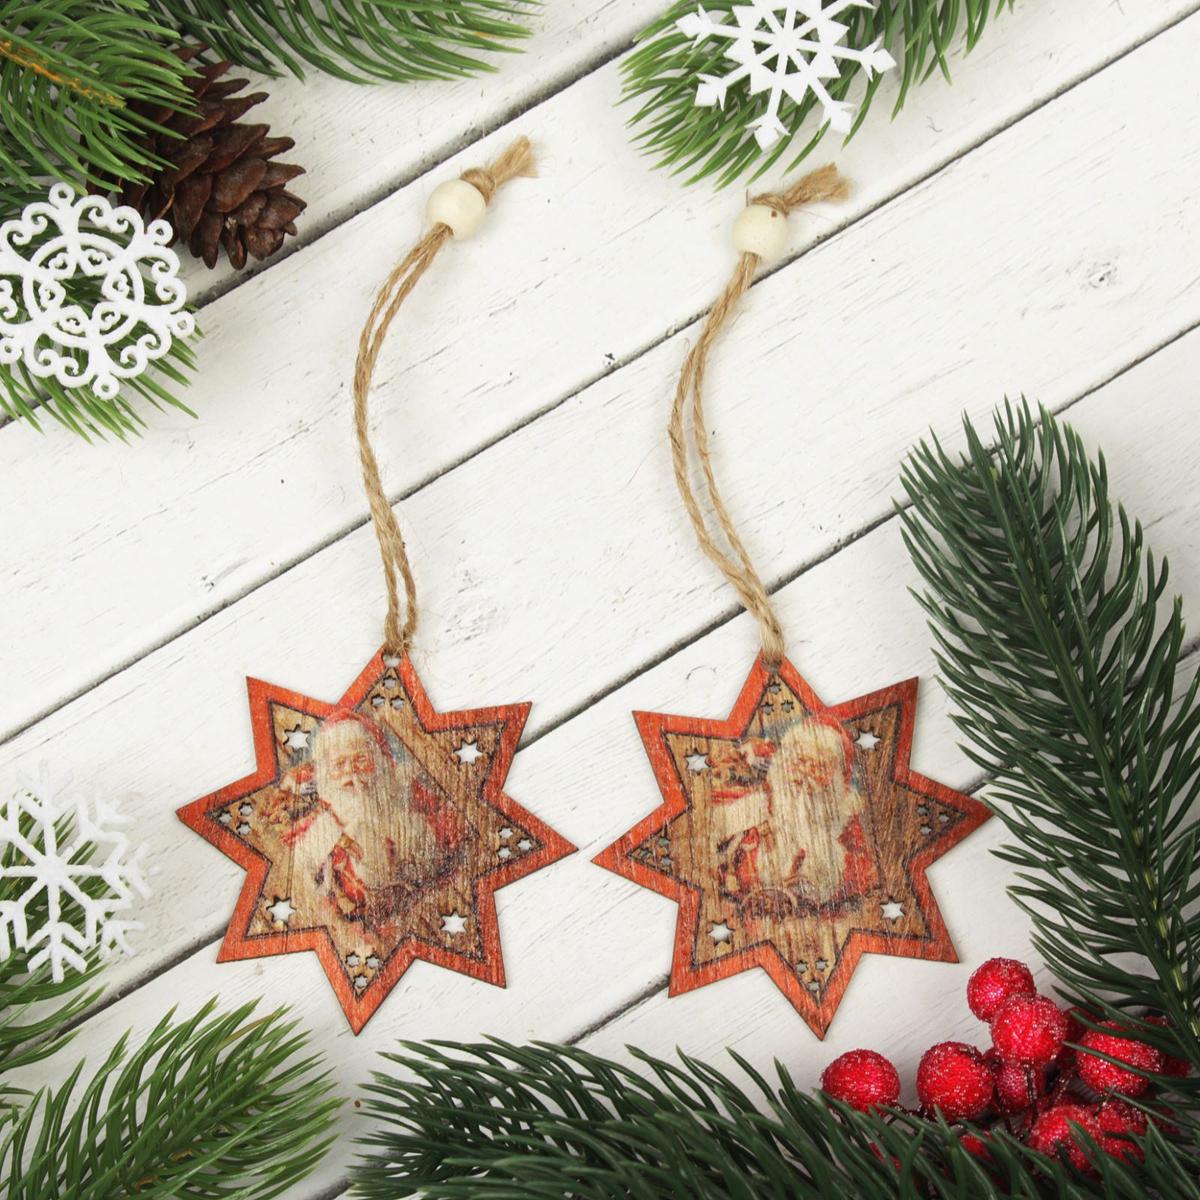 Украшение новогоднее подвесное Дед Мороз, 2 шт2303266Набор новогодних подвесных украшений, выполненных из дерева, отлично подойдет для декорации вашего дома и новогодней ели. С помощью специальной петельки украшение можно повесить в любом понравившемся вам месте. Но, конечно, удачнее всего оно будет смотреться на праздничной елке.Елочная игрушка - символ Нового года. Она несет в себе волшебство и красоту праздника. Такое украшение создаст в вашем доме атмосферу праздника, веселья и радости. В комплекте 2 украшения.